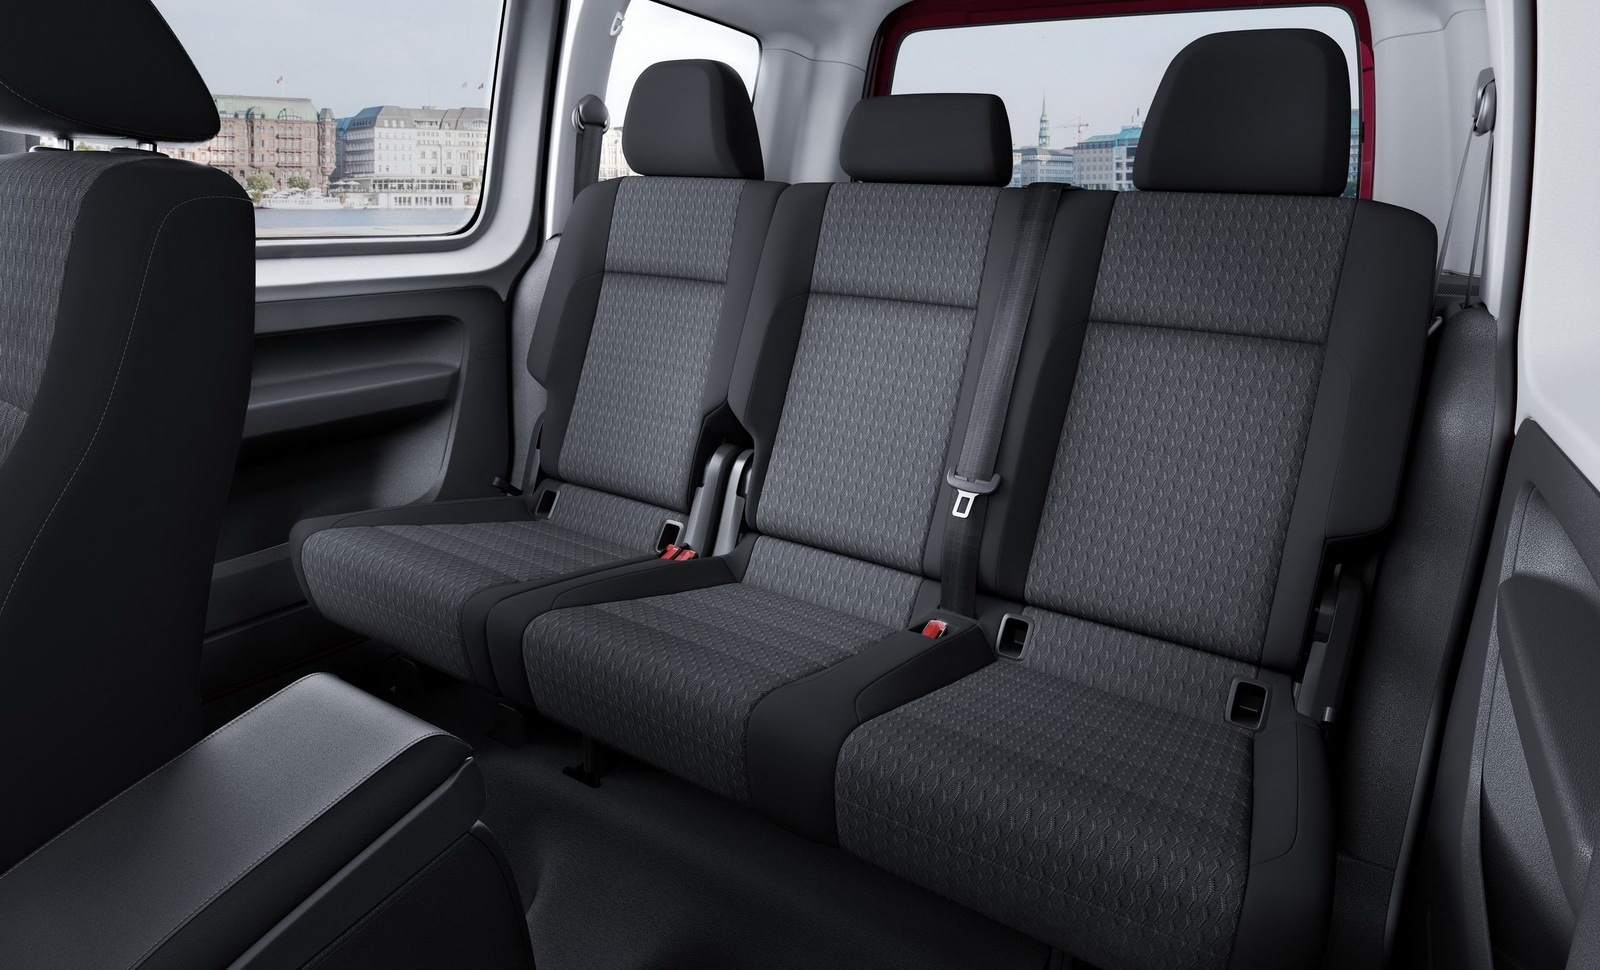 Volkswagen Caddy 2015 Precios Motores Equipamientos